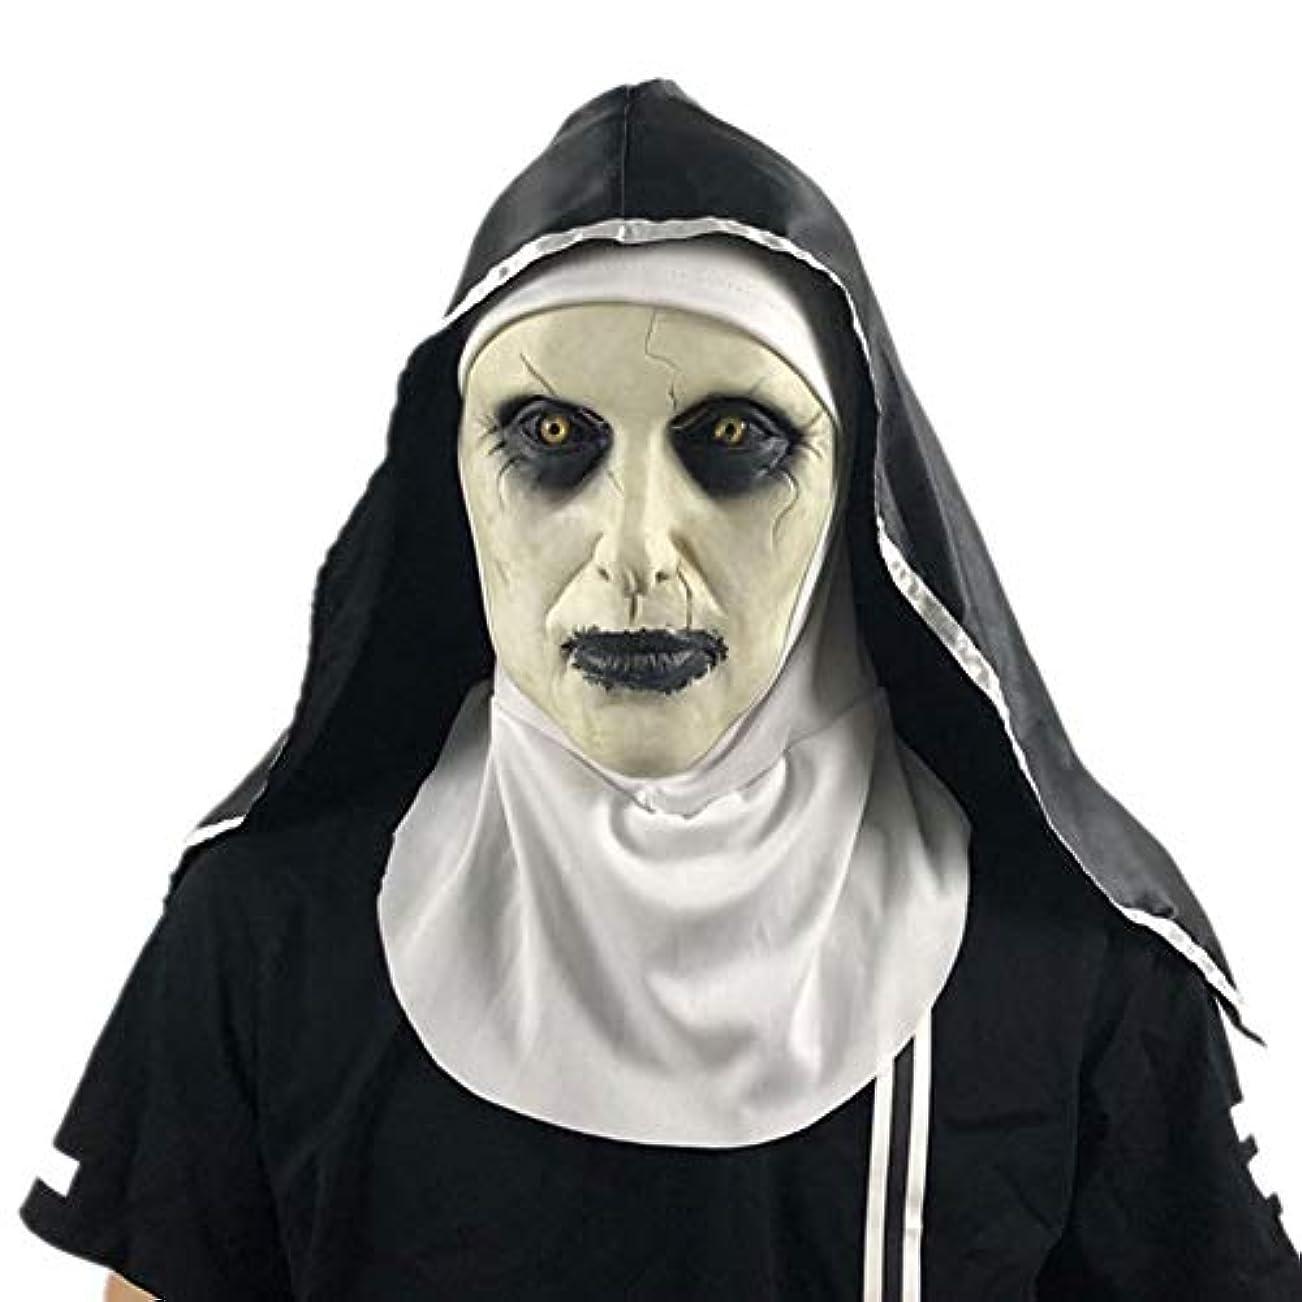 登録する守る一過性ハロウィーンマスク、顔をしかめるラテックスマスク、テーマパーティー、コスチュームボール、カーニバル、ハロウィーン、レイブパーティー、仮面舞踏会などに適しています。